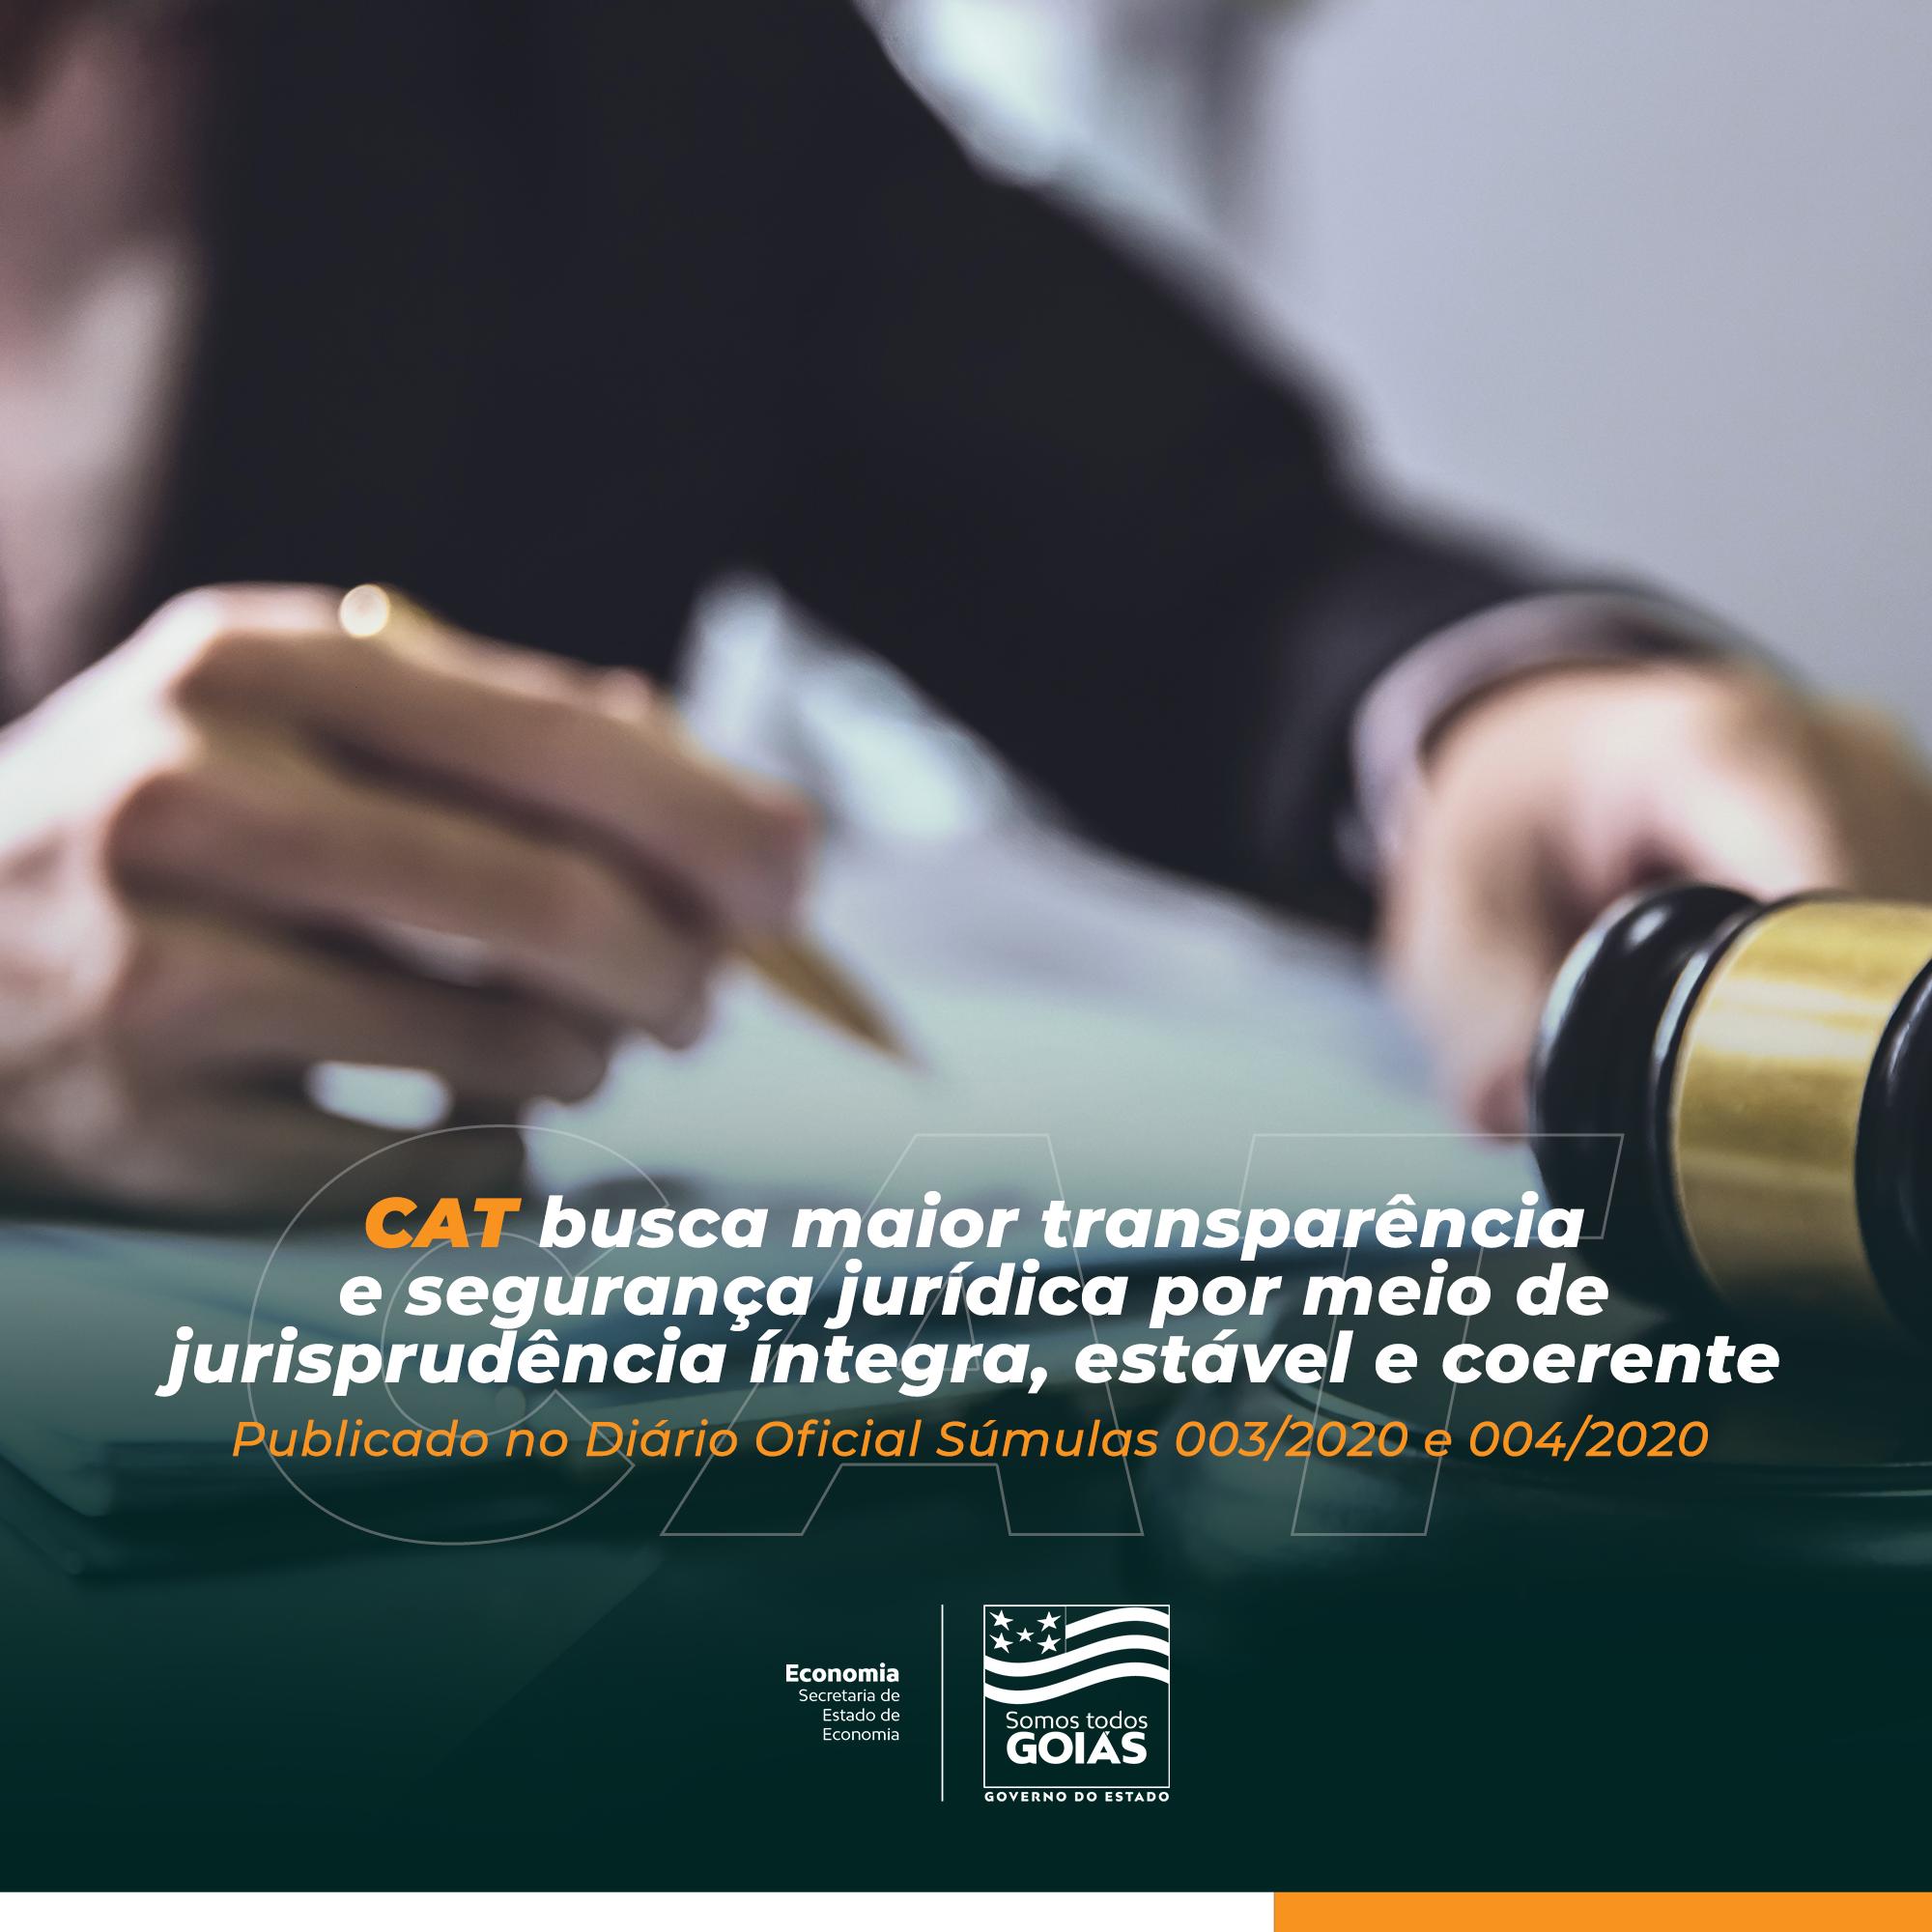 CAT publica súmulas que vão ampliar a transparência e dar celeridade ao julgamento de processos, contribuindo para formação de jurisprudência íntegra, estável e coerente